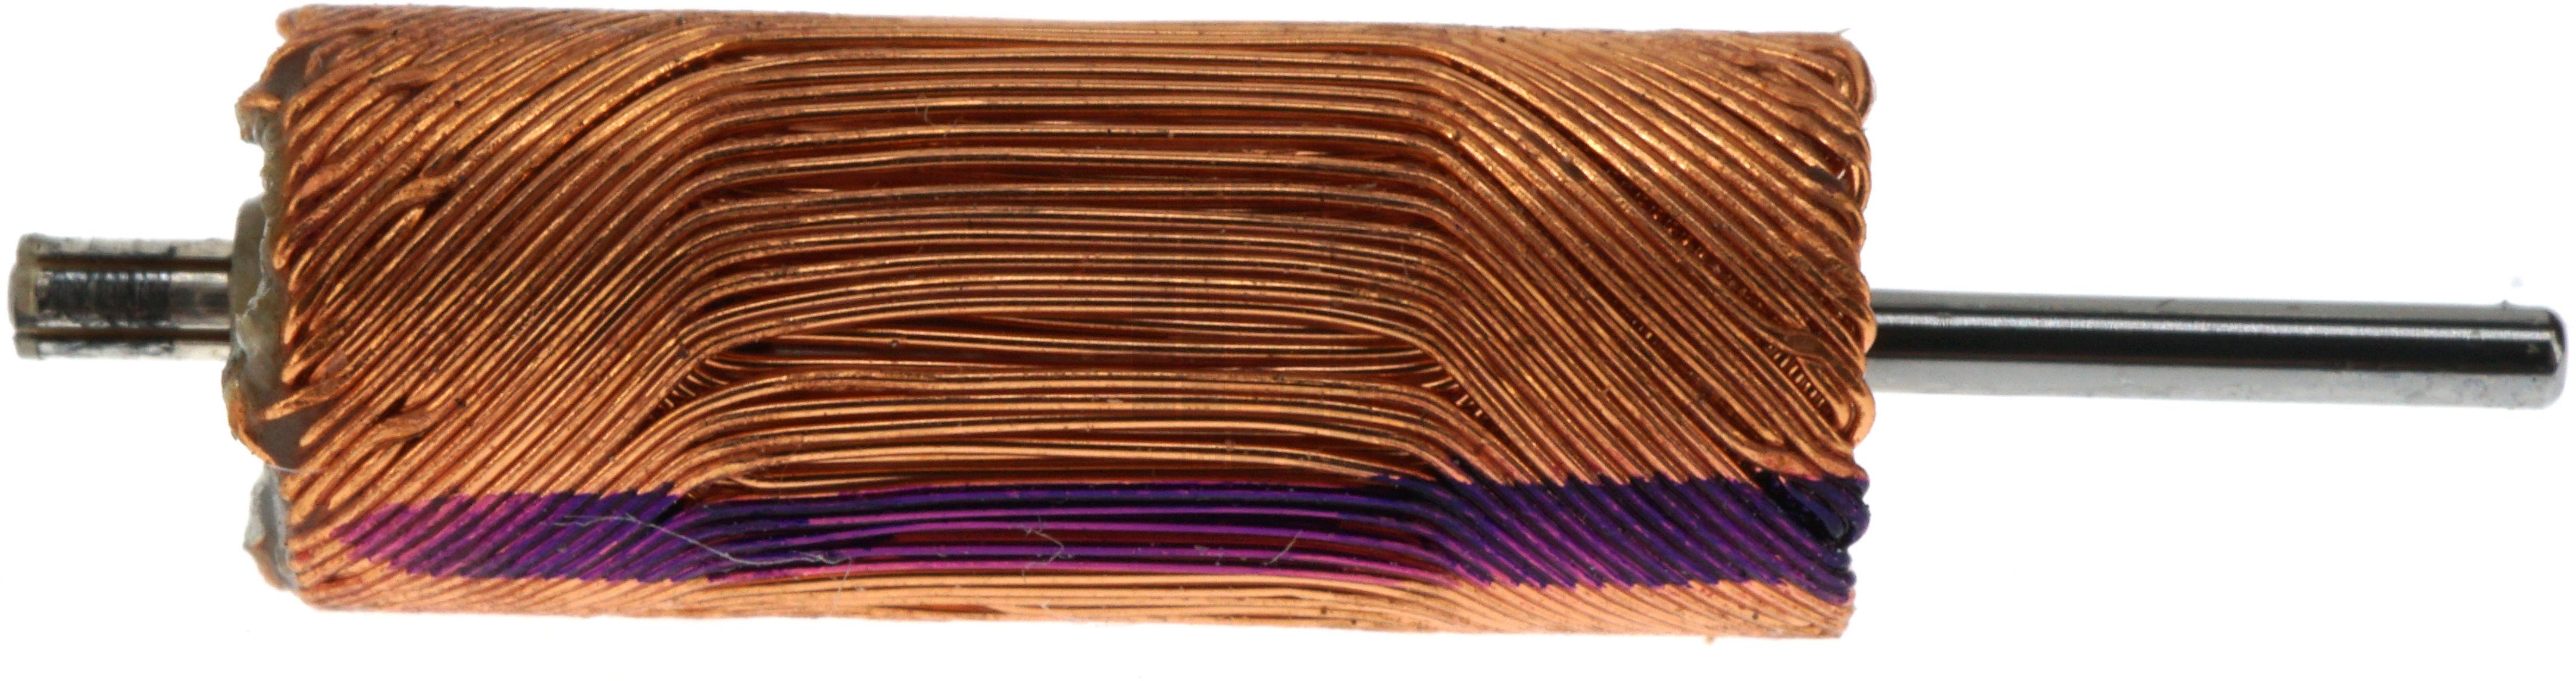 Copper windings